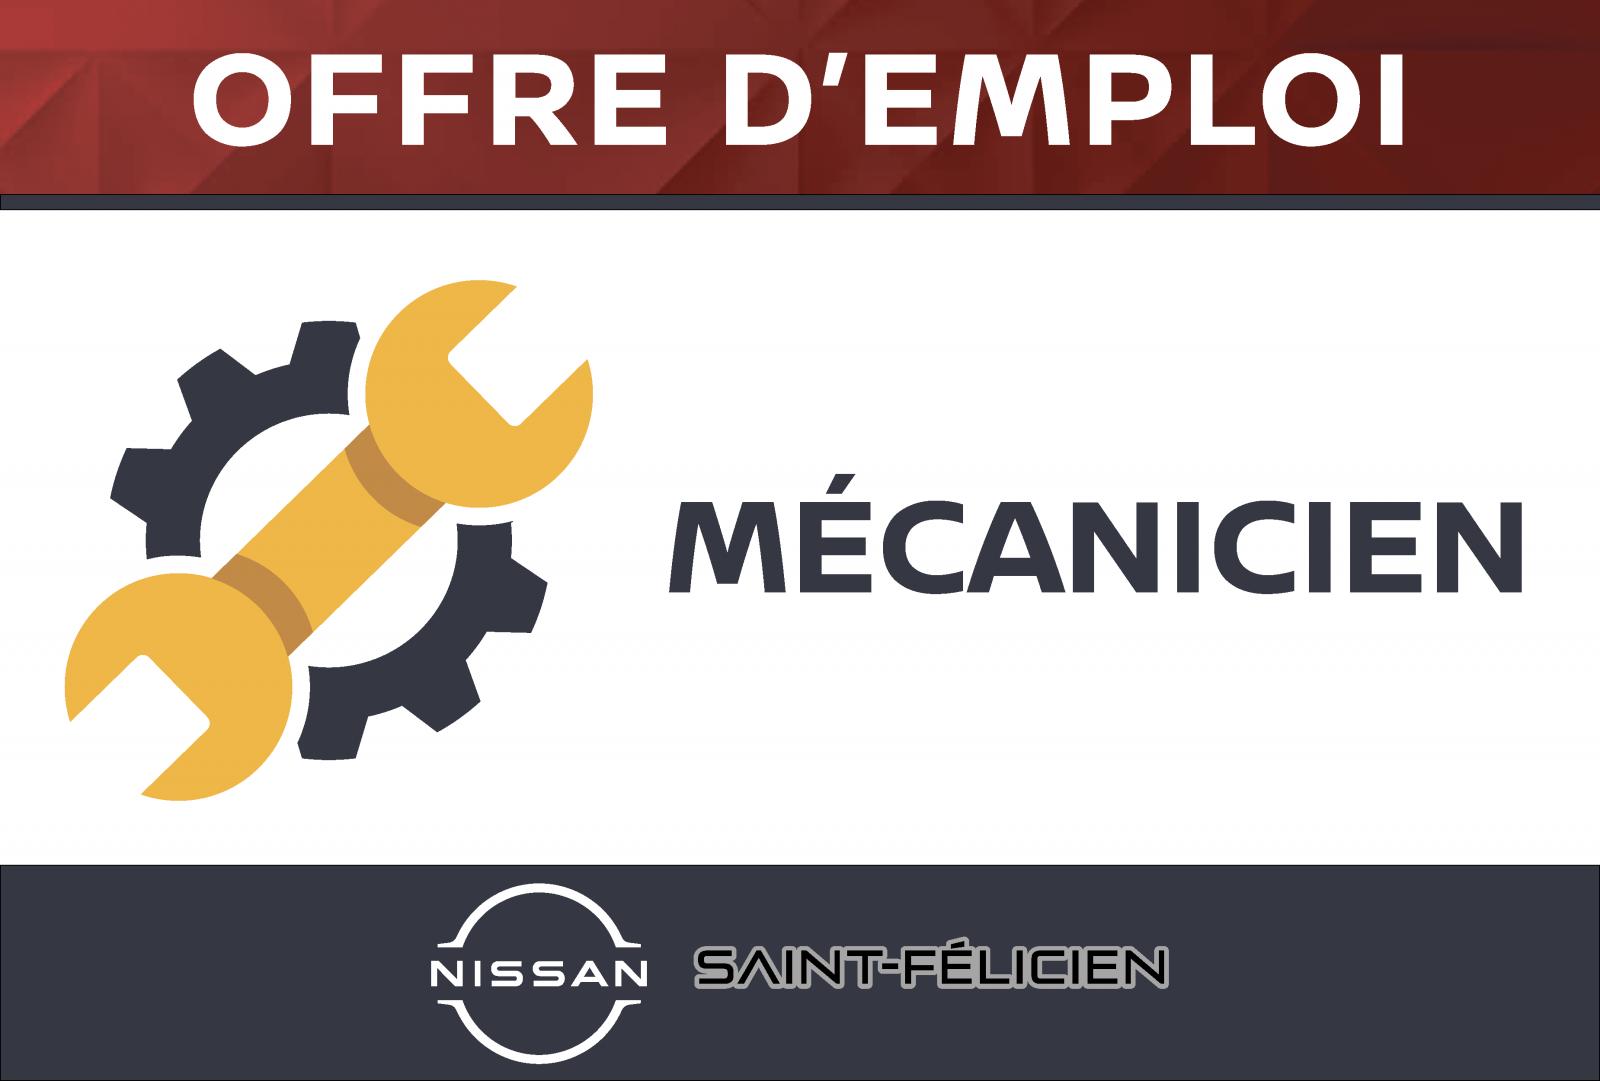 Saint-Félicien Nissan : OFFRE D'EMPLOI – Mécanicien